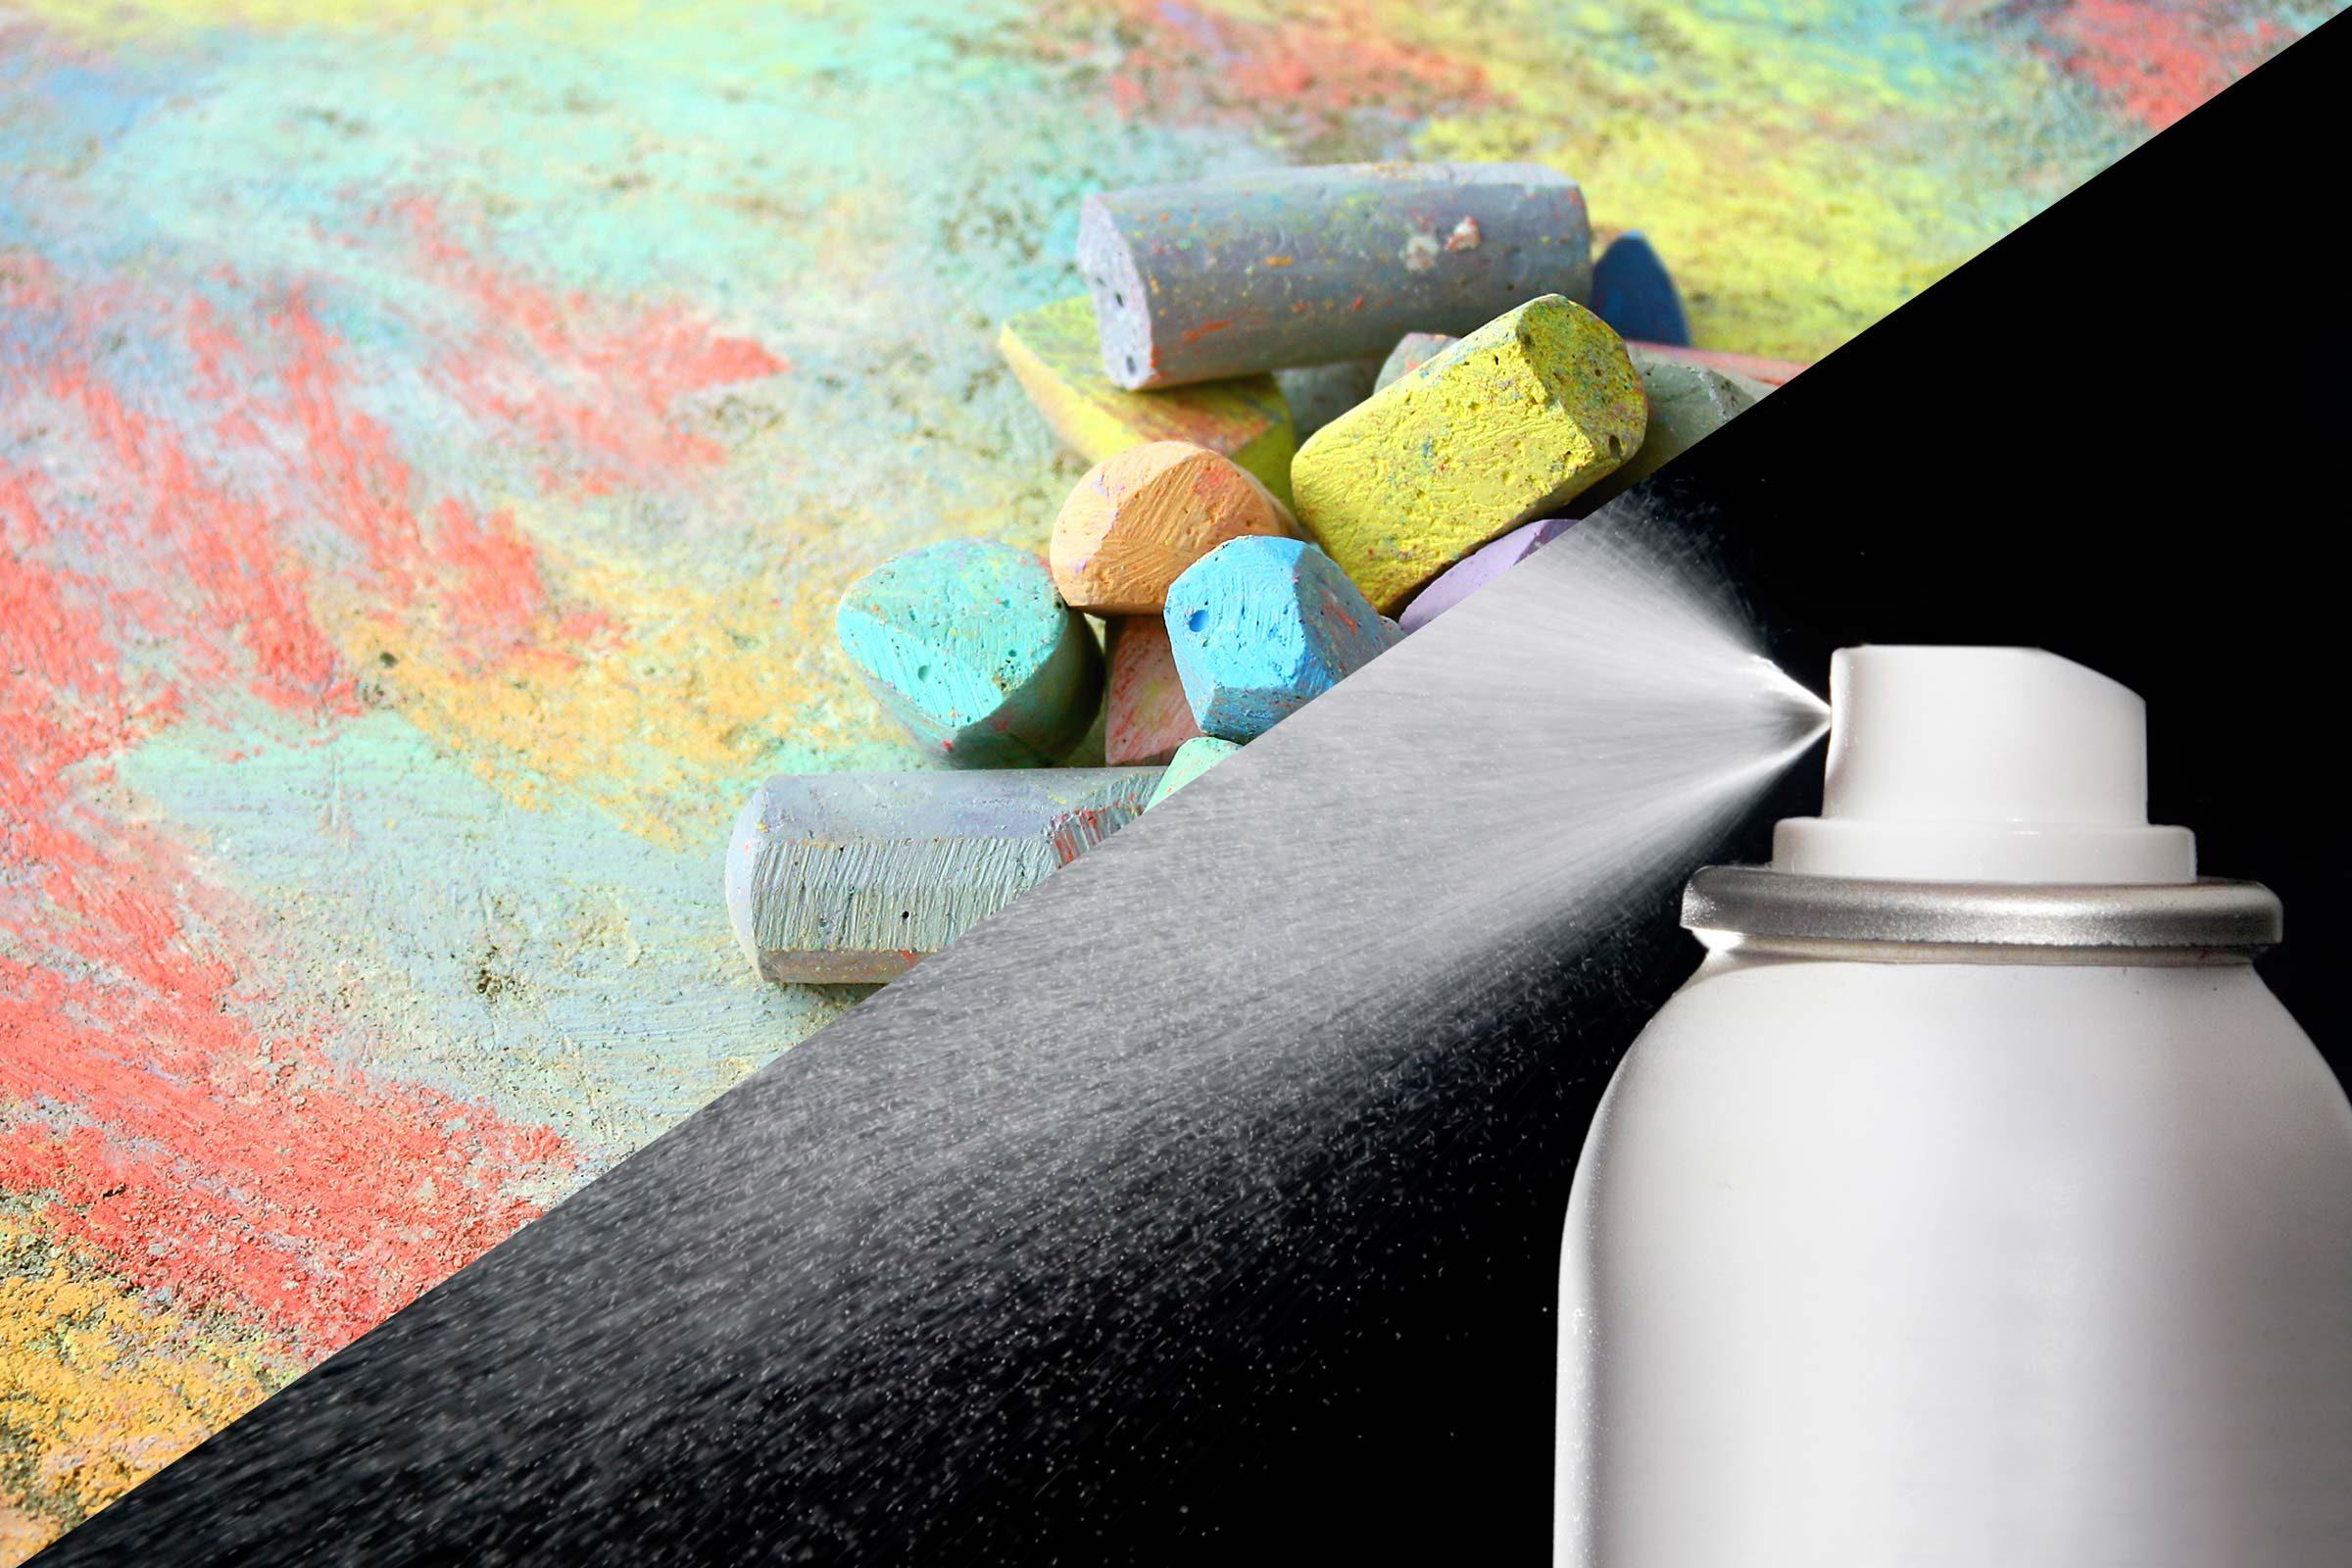 Sidewalk chalk sealant